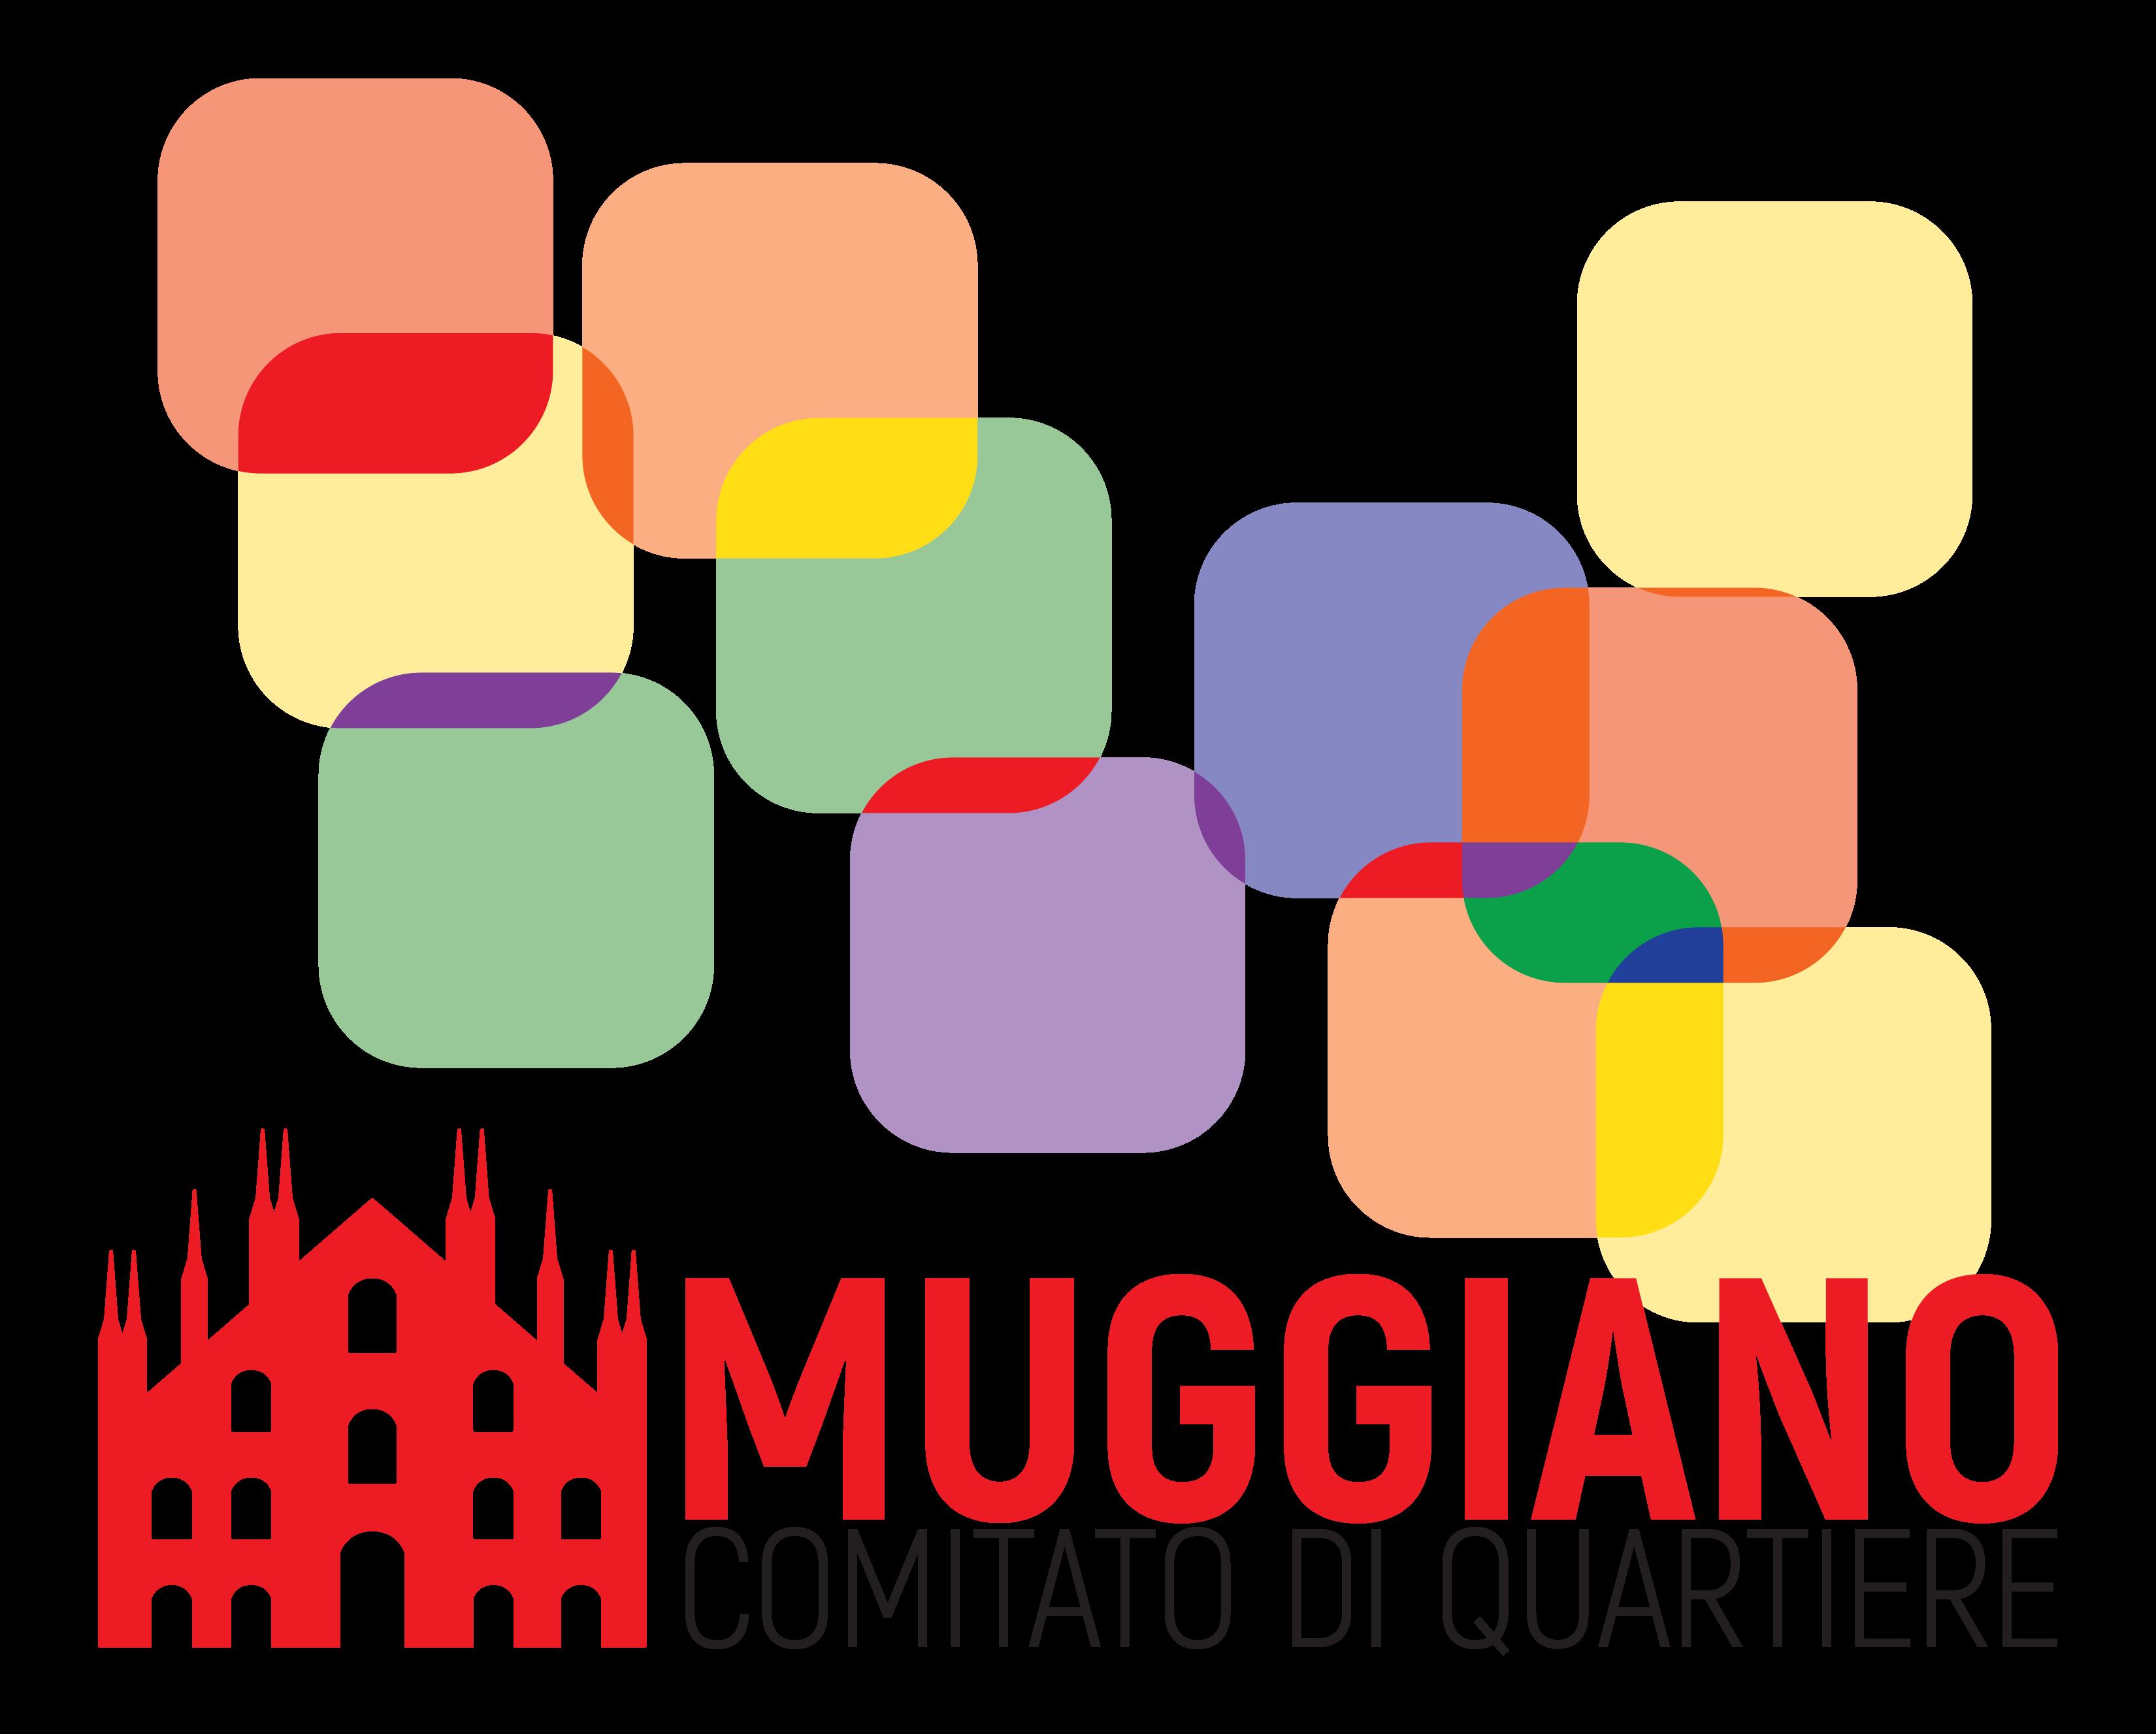 Borgo di Muggiano